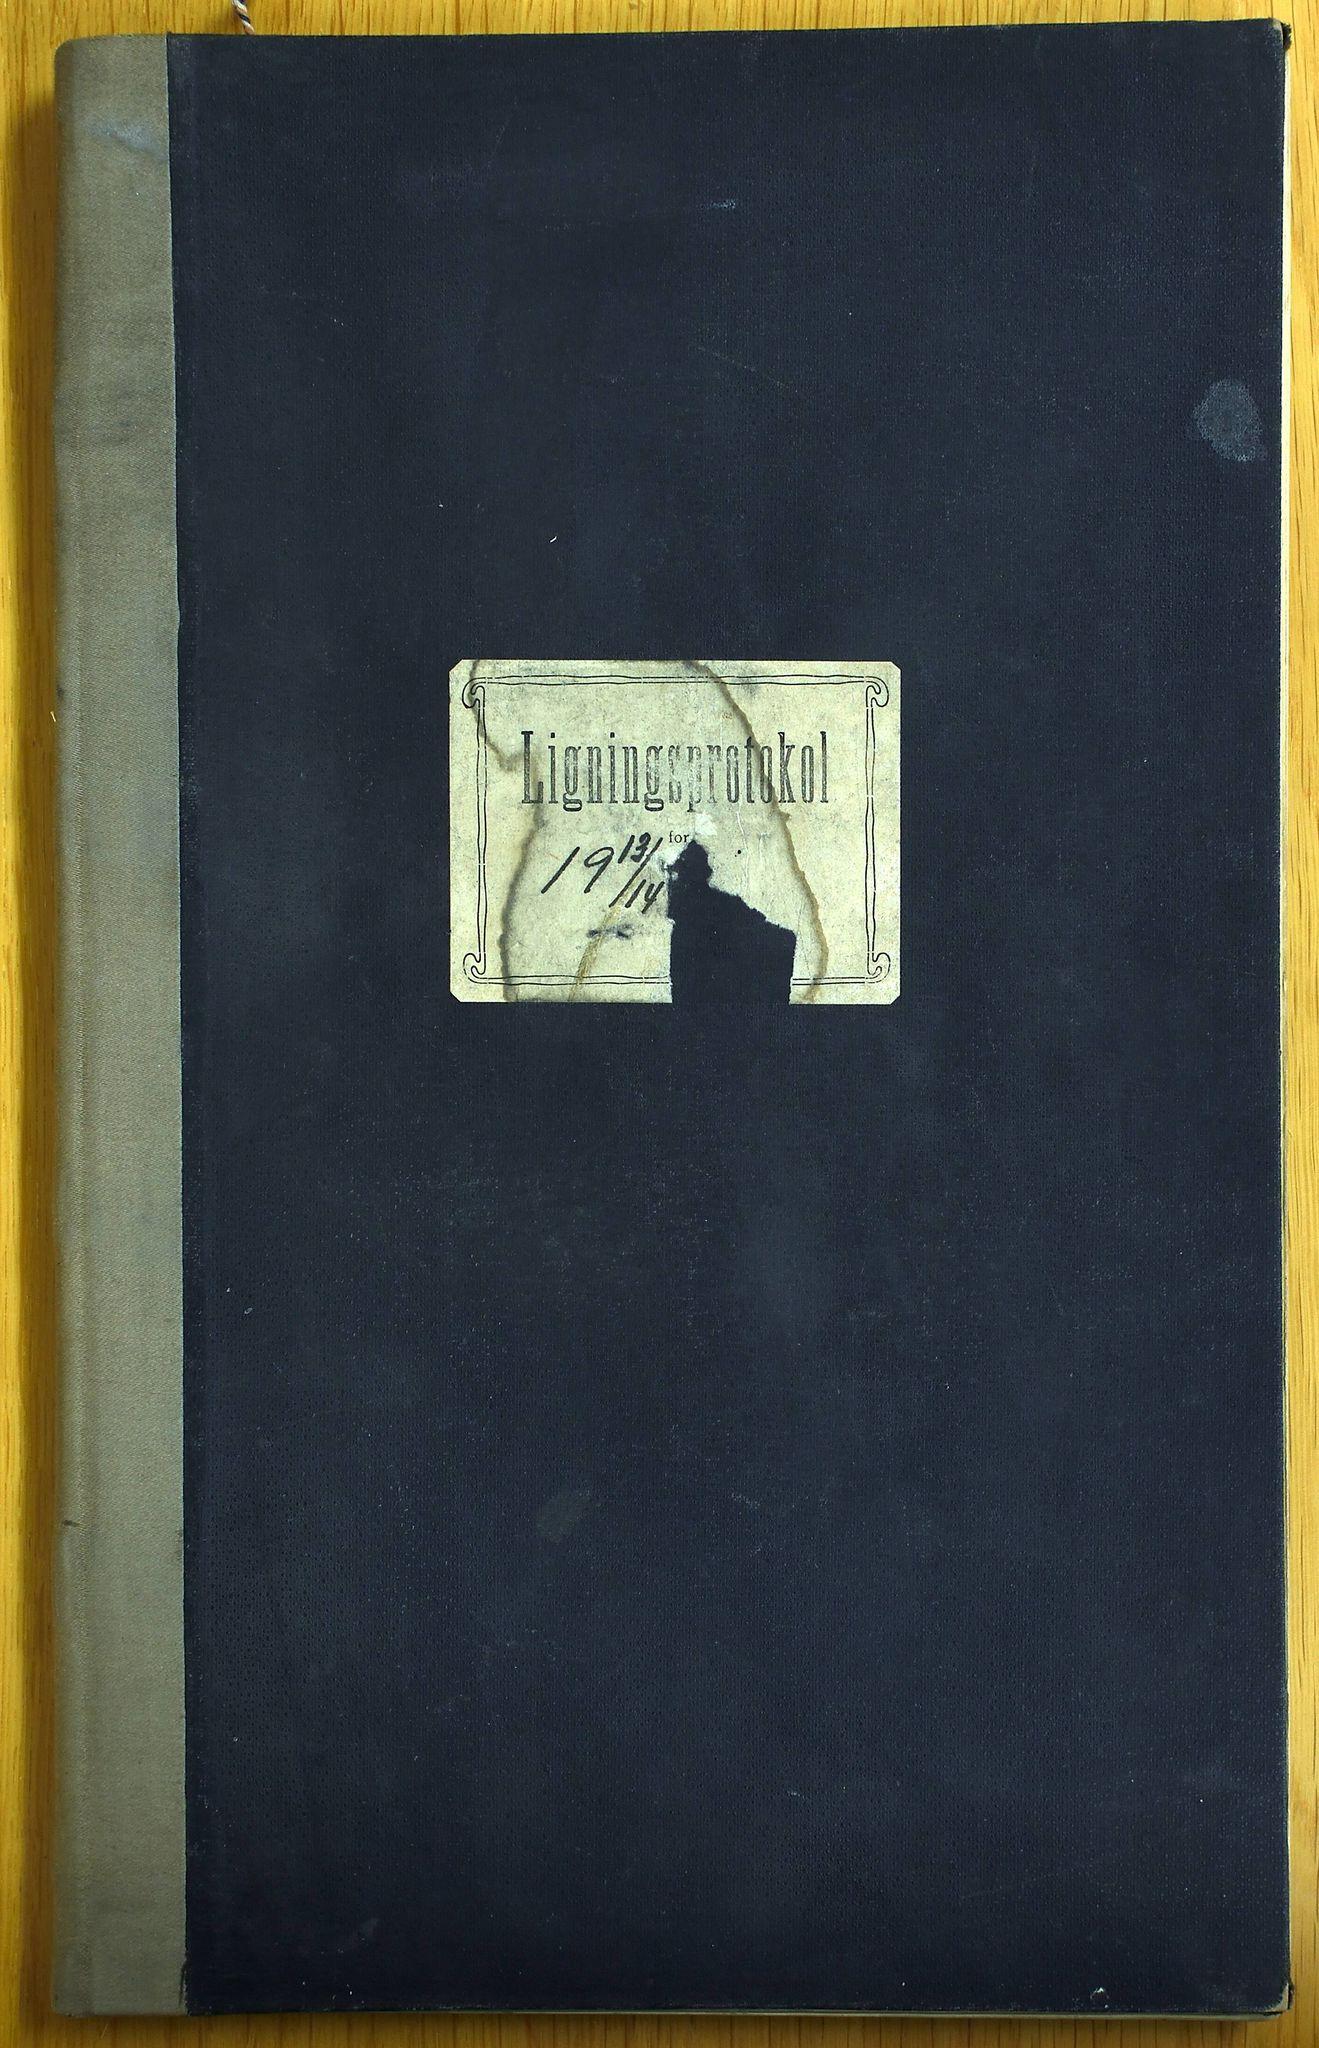 KVT, Vestre Toten kommunearkiv: Avskrift av ligningsprotokollen for budsjettåret 1913-1914 for Vestre Toten skattedistrikt, 1913-1914